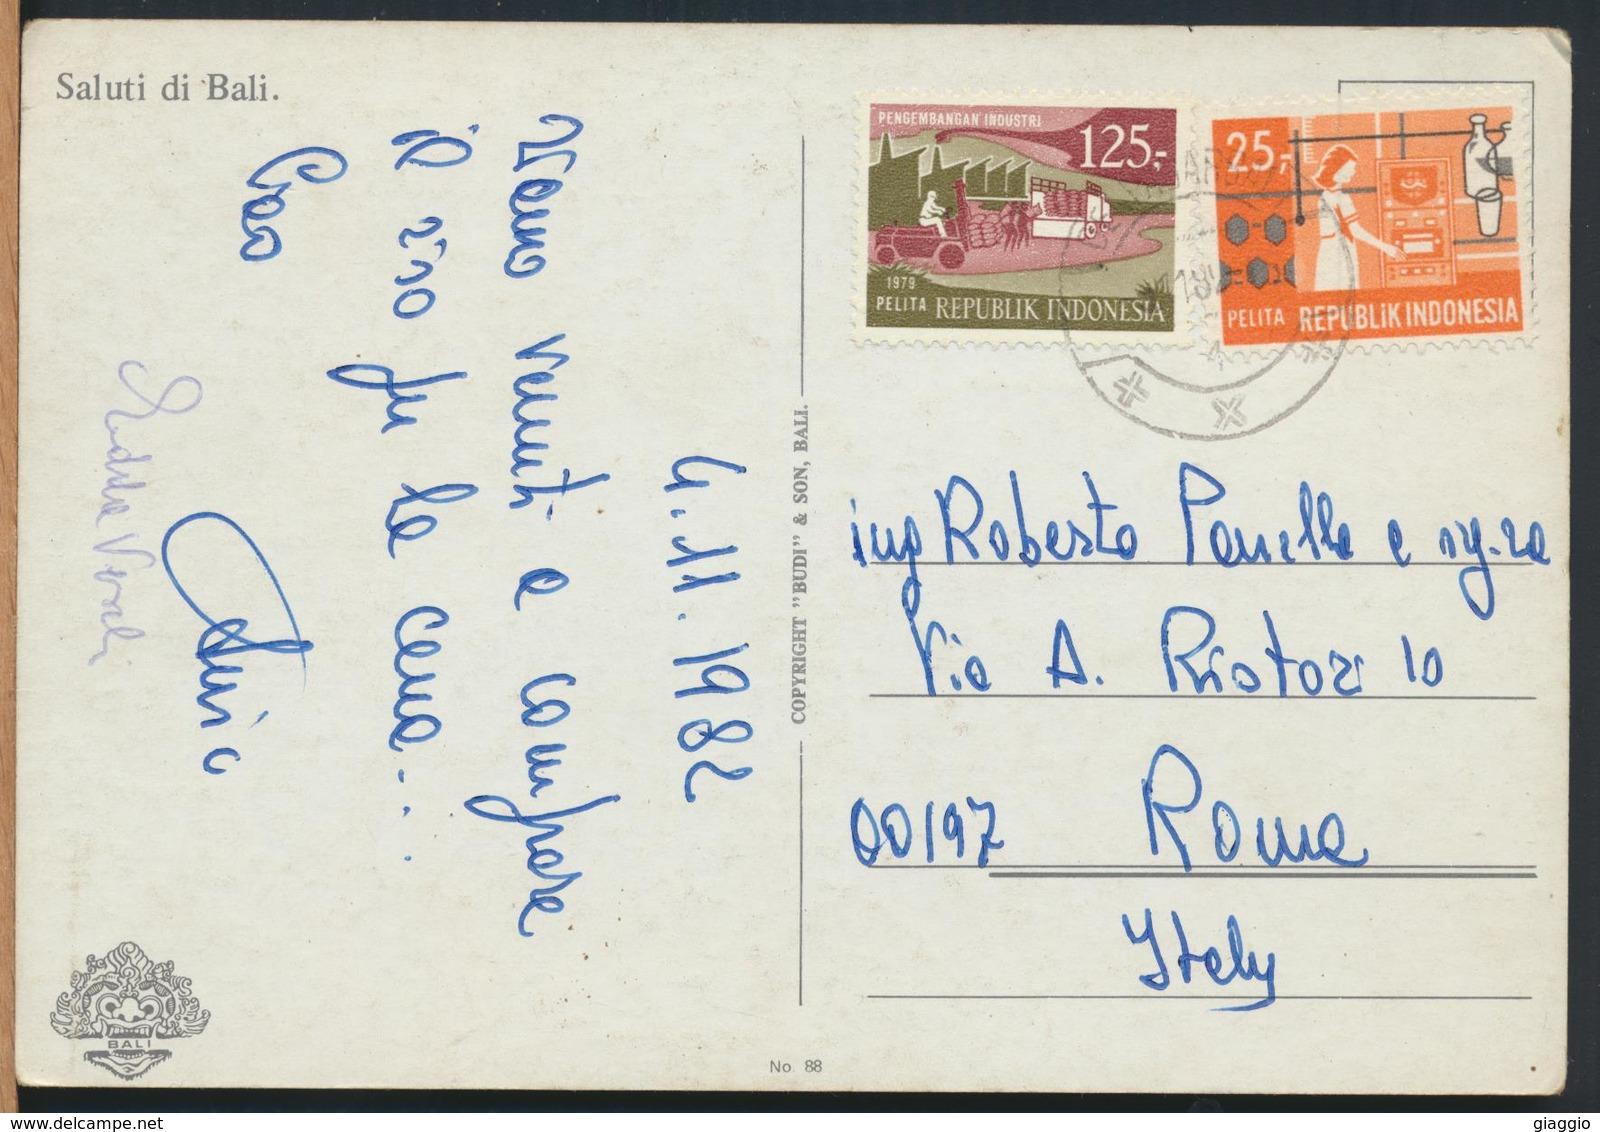 °°° 13065 - INDONESIA - SALUTI DI BALI - 1982 With Stamps °°° - Indonesia